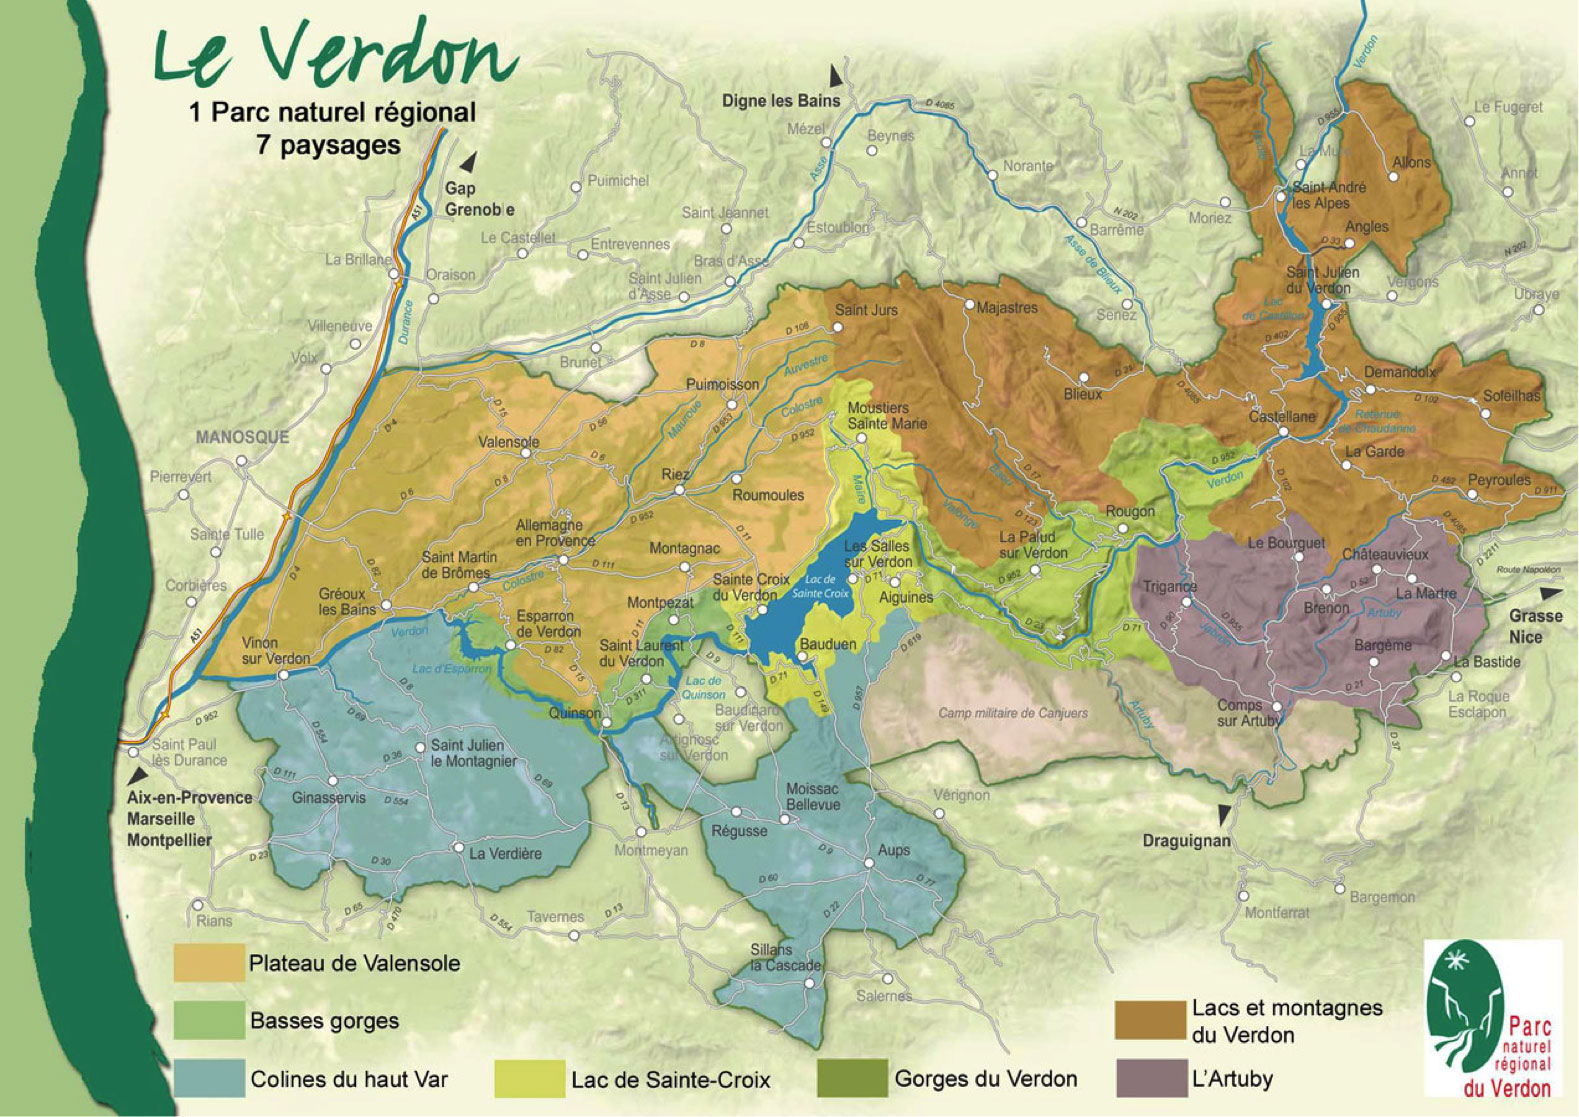 Carte du Parc naturel régional du Verdon et ses 7 paysages... (©Parc naturel régional du Verdon)